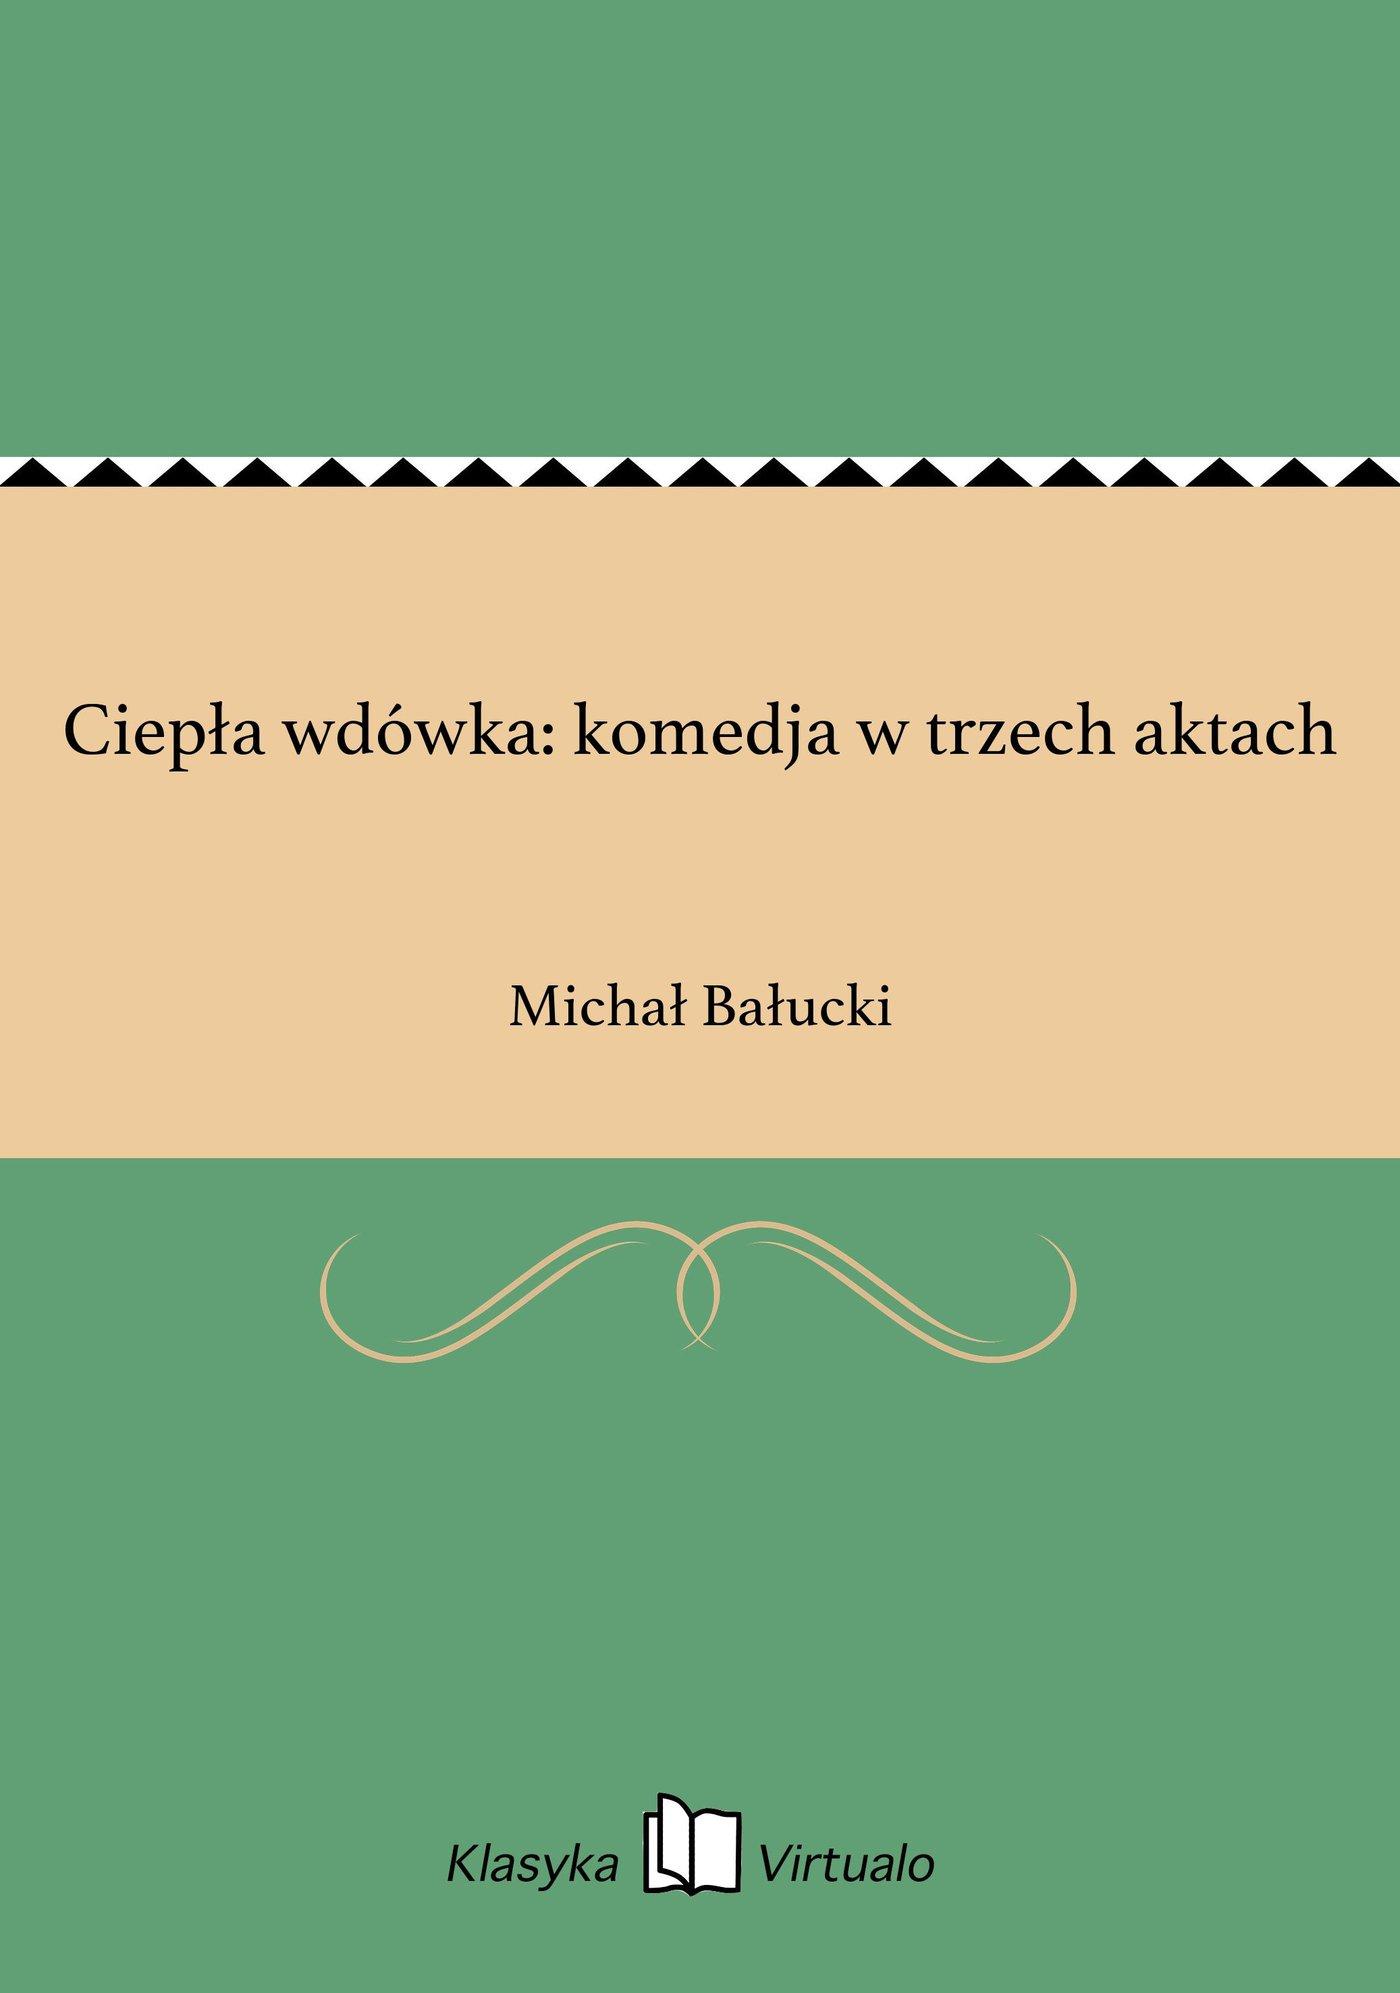 Ciepła wdówka: komedja w trzech aktach - Ebook (Książka EPUB) do pobrania w formacie EPUB